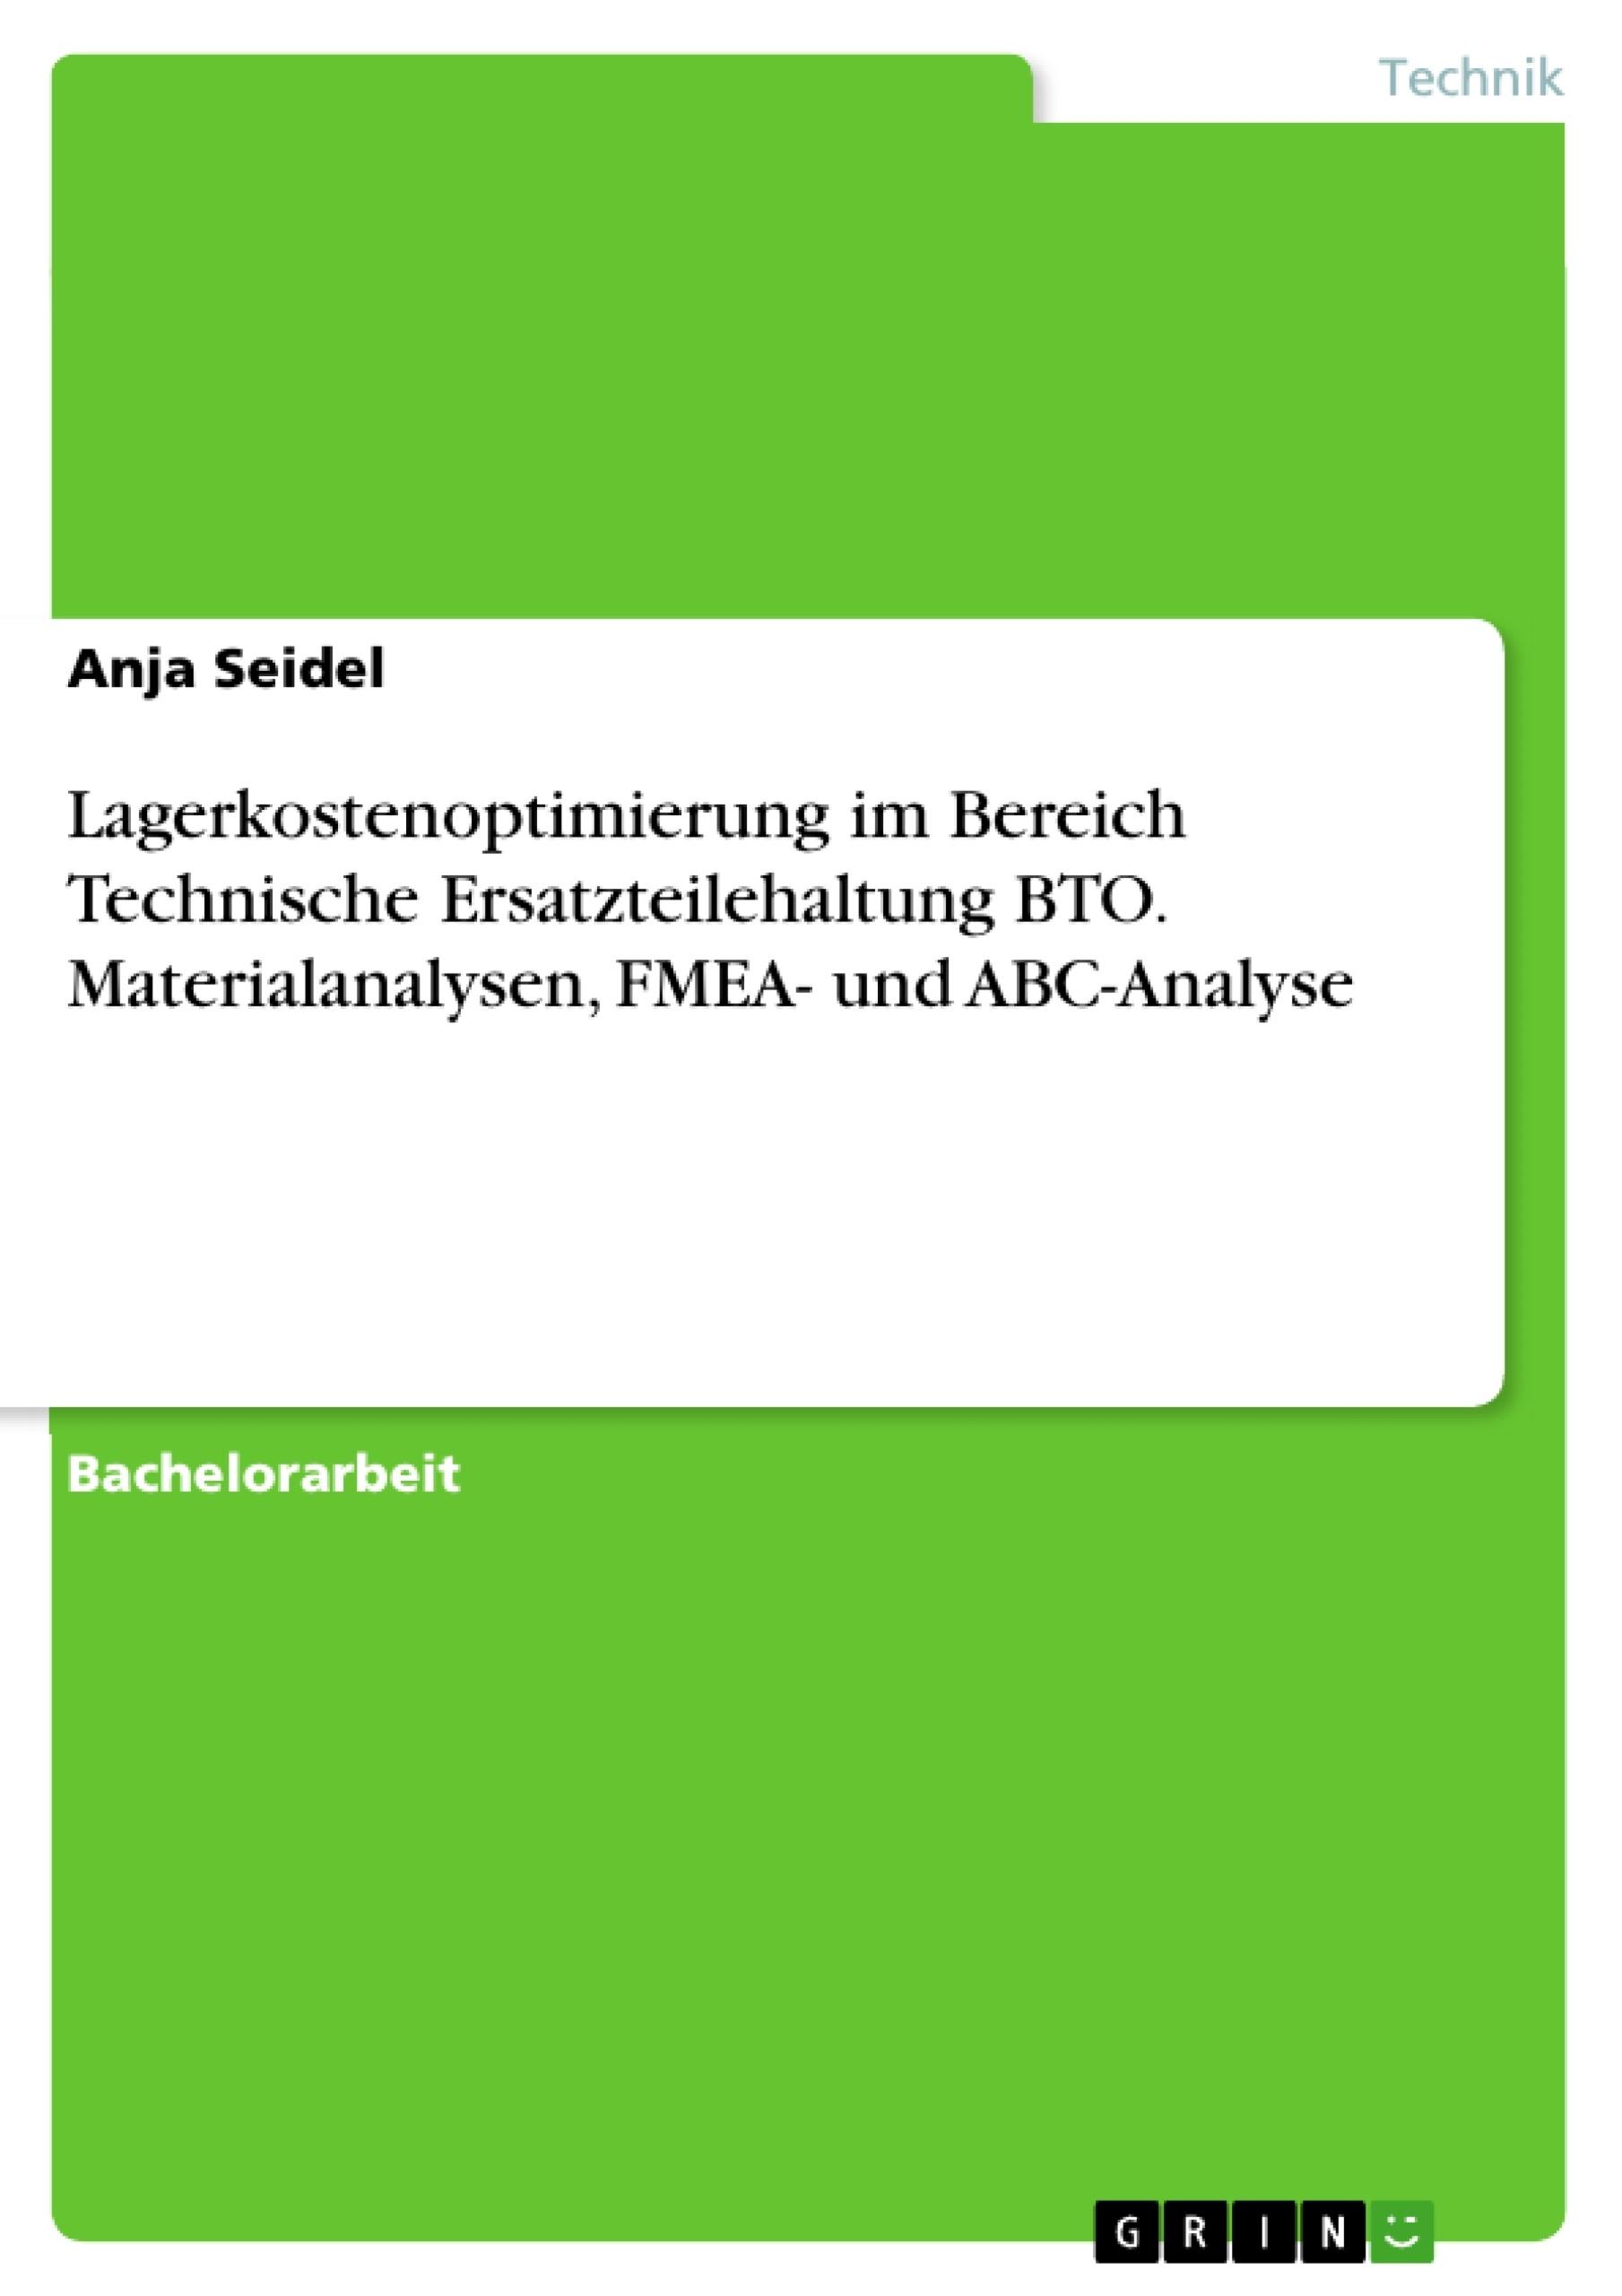 Titel: Lagerkostenoptimierung im Bereich Technische Ersatzteilehaltung BTO. Materialanalysen, FMEA- und ABC-Analyse